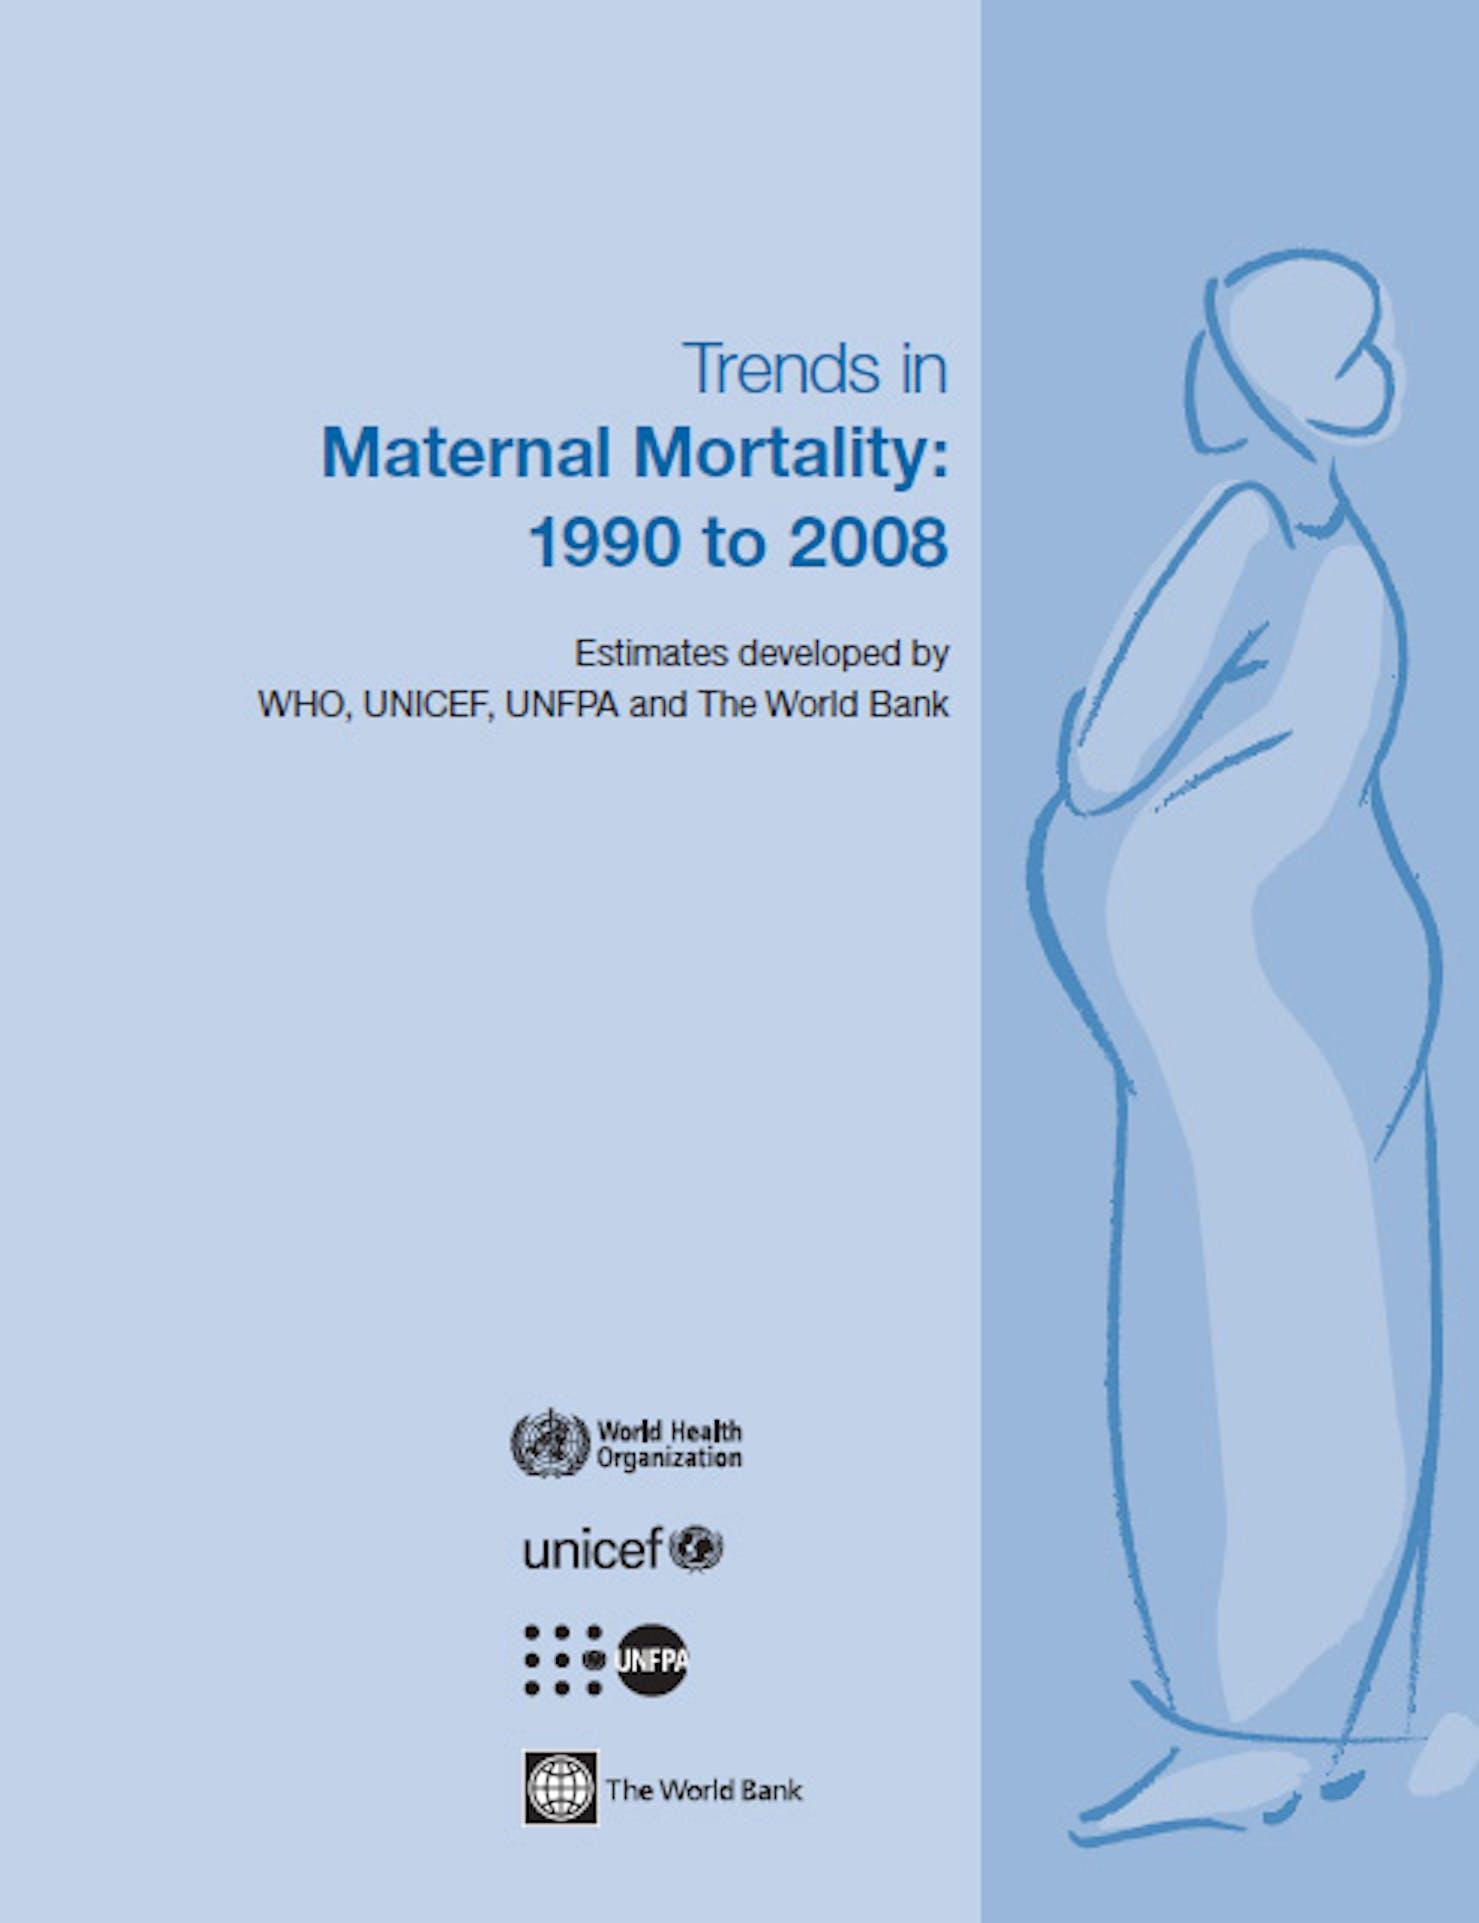 Copertina rapporto Trends in maternal mortality 1990 2008.jpg